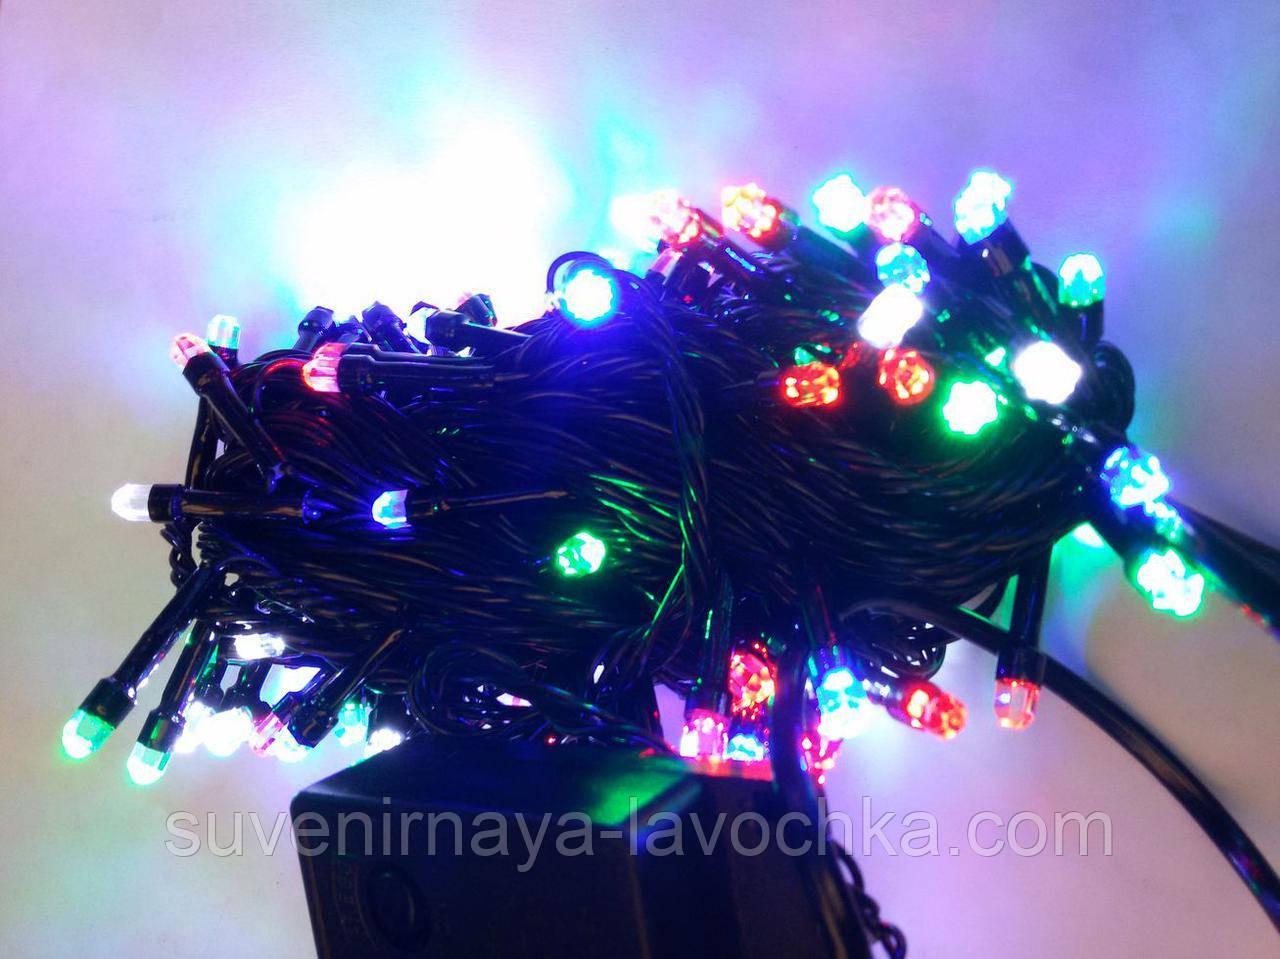 Гирлянда КРИСТАЛЛ 100 LED 5mm на черном проводе, разноцветная